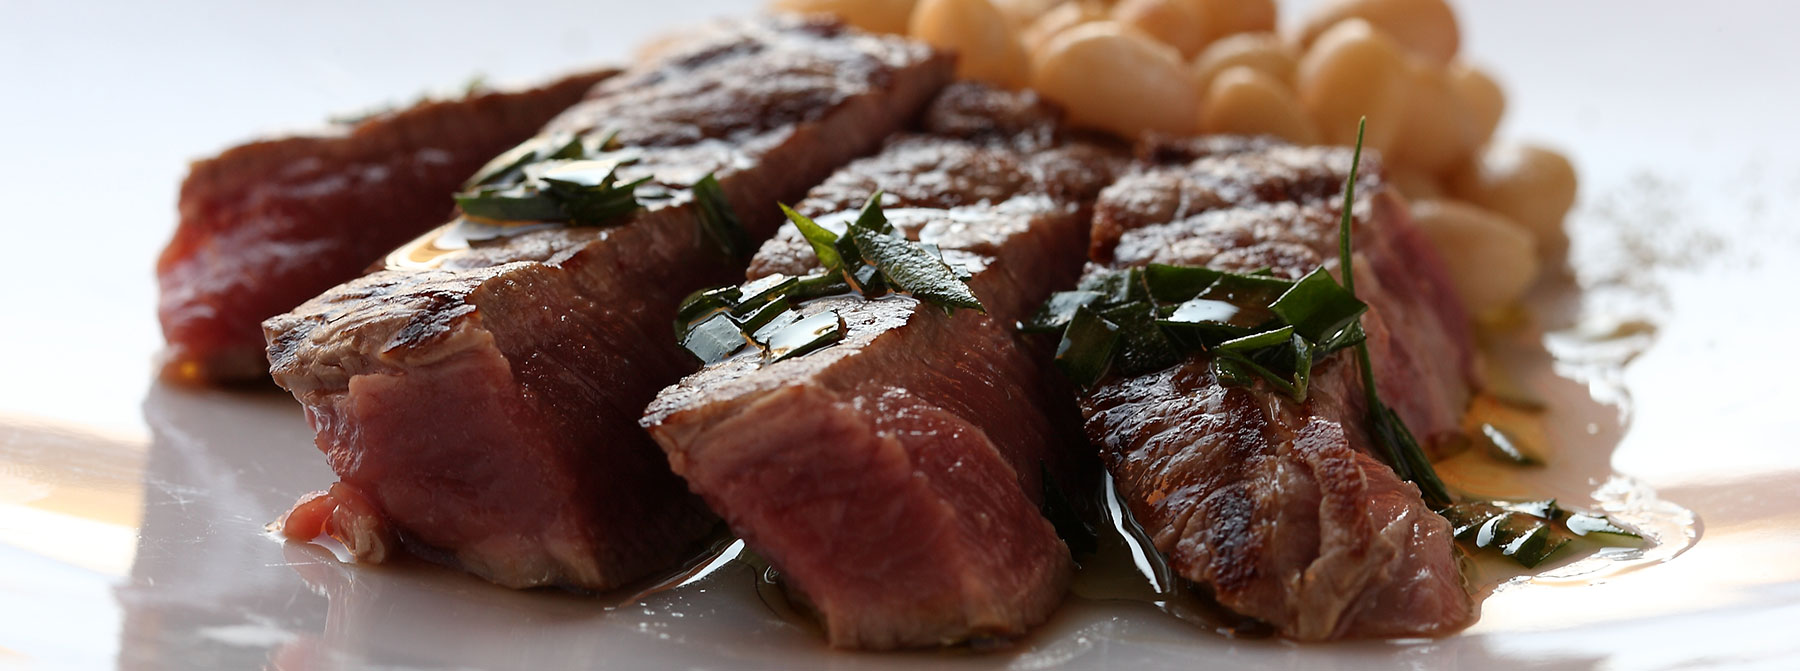 Secondi piatti ristorante walter redaelli for Piatti ristorante